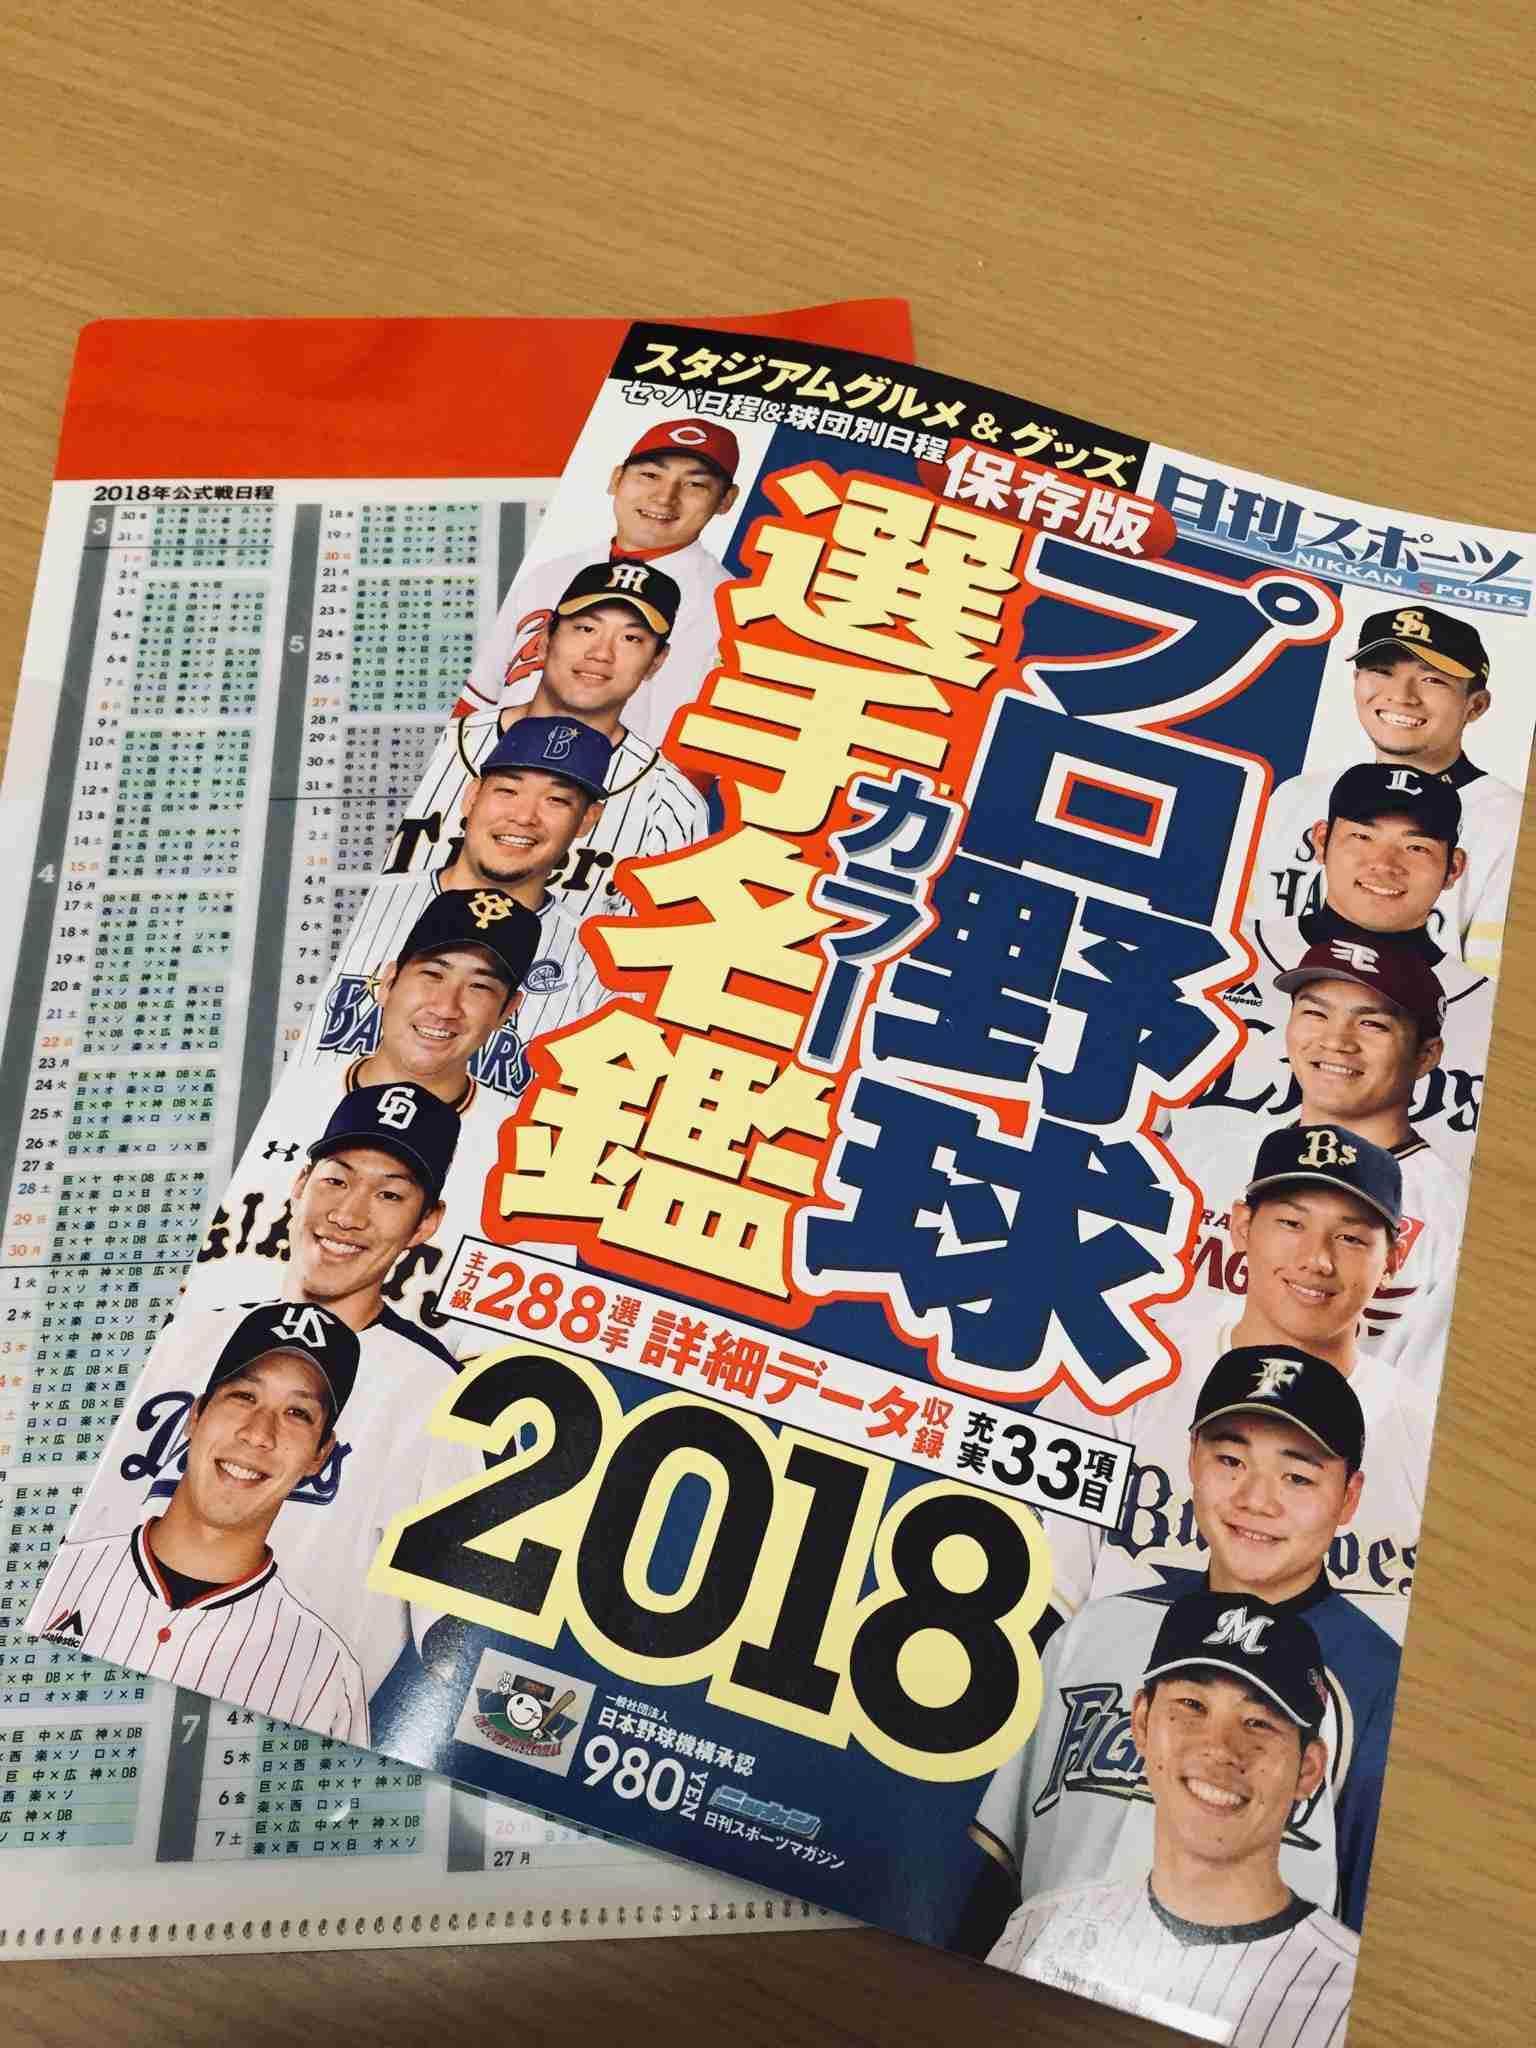 野球球団に物申す!